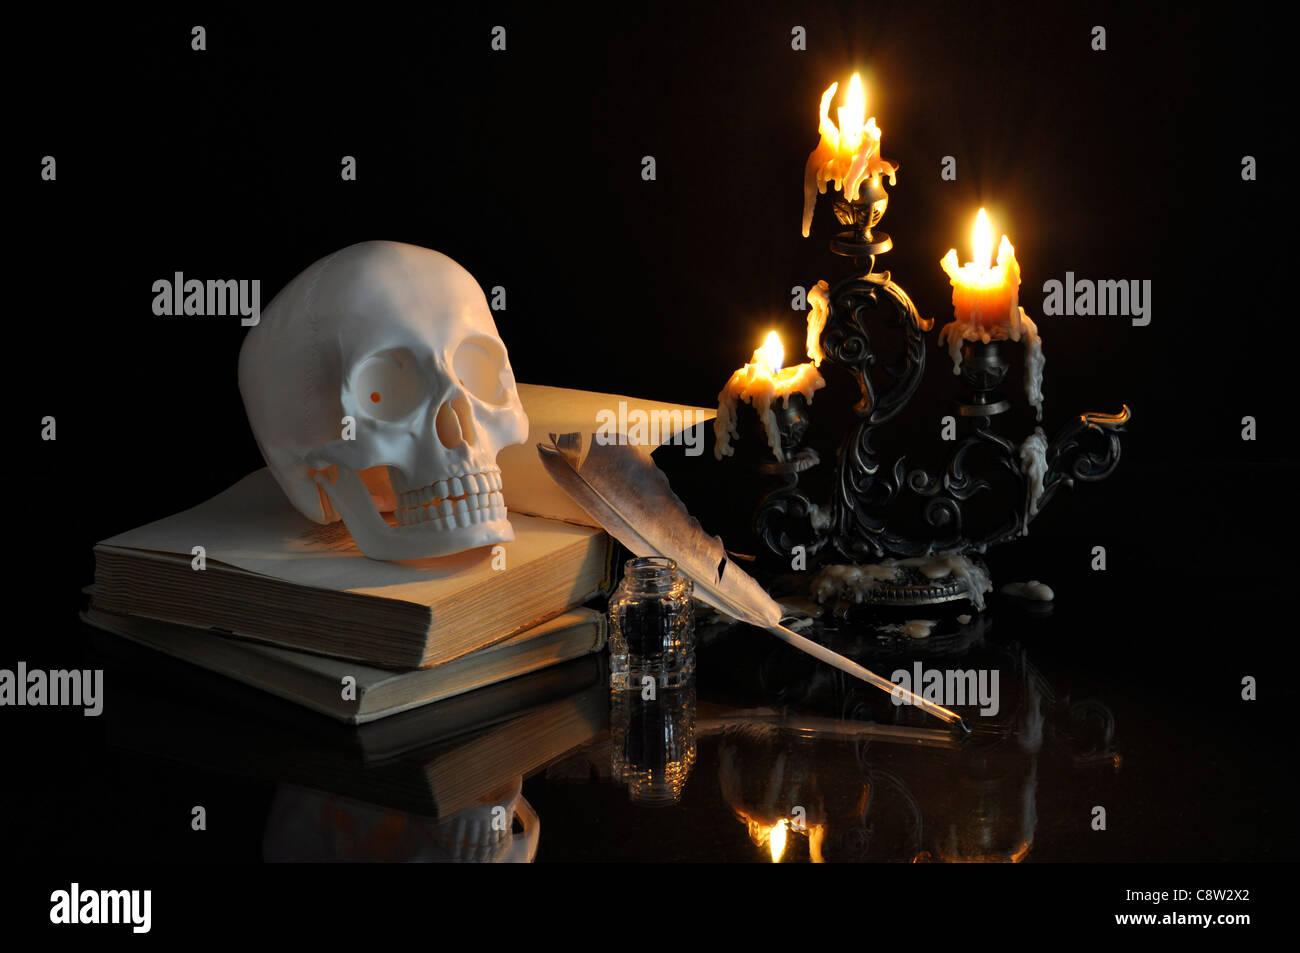 Bodegón con cráneo, libros y velas sobre fondo negro Foto de stock